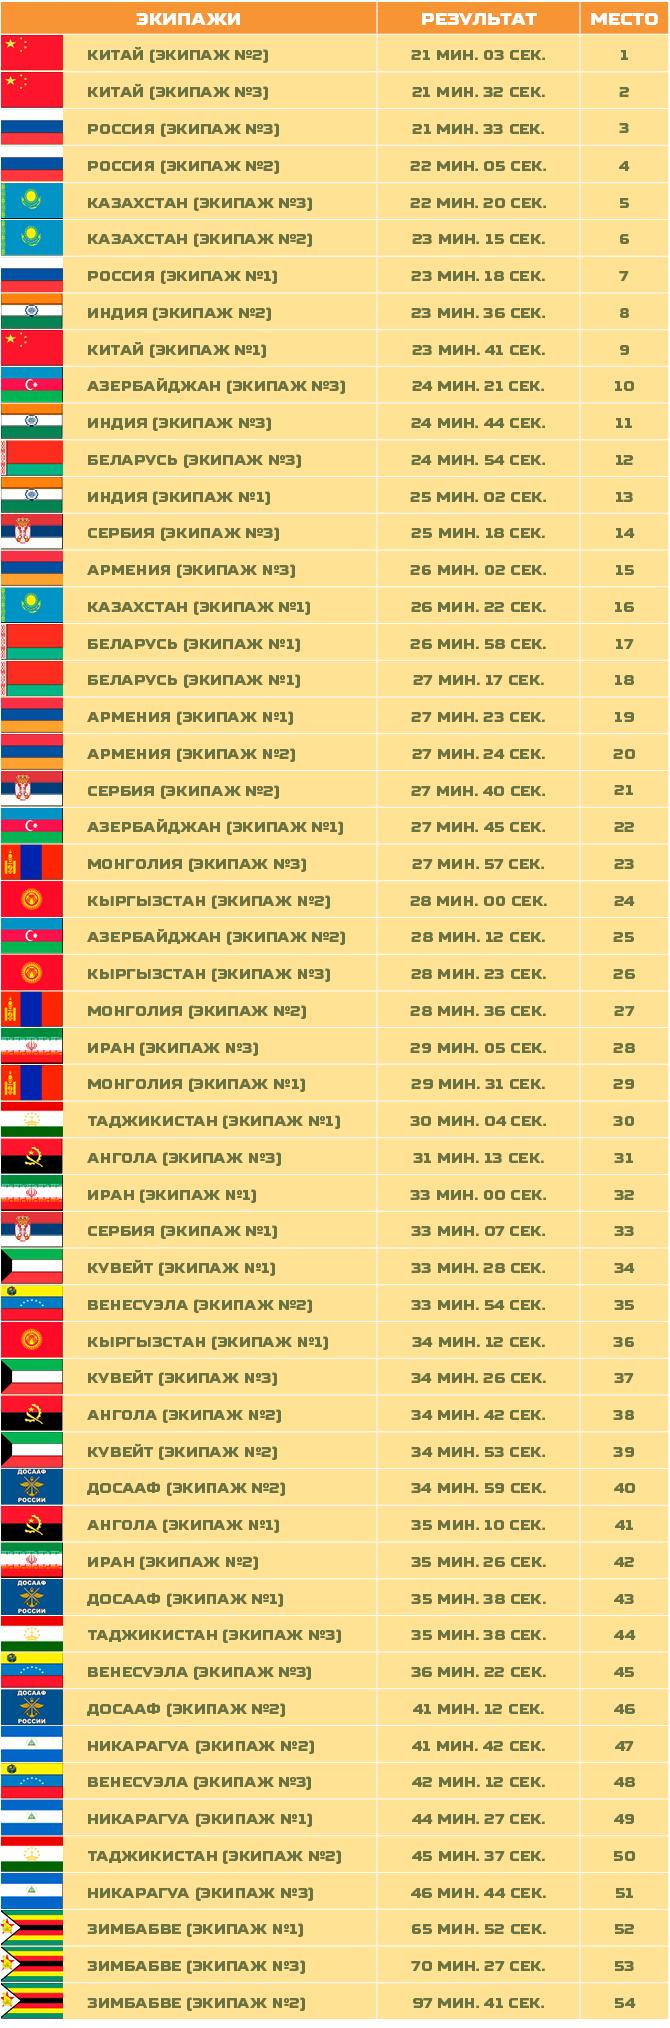 Résultats de la course individuelle dans le Biathlon de chars de combat 2016, 2 équipages chinois avec leur ZTZ-96B prennent la 1ère et la 2ème place du tableau